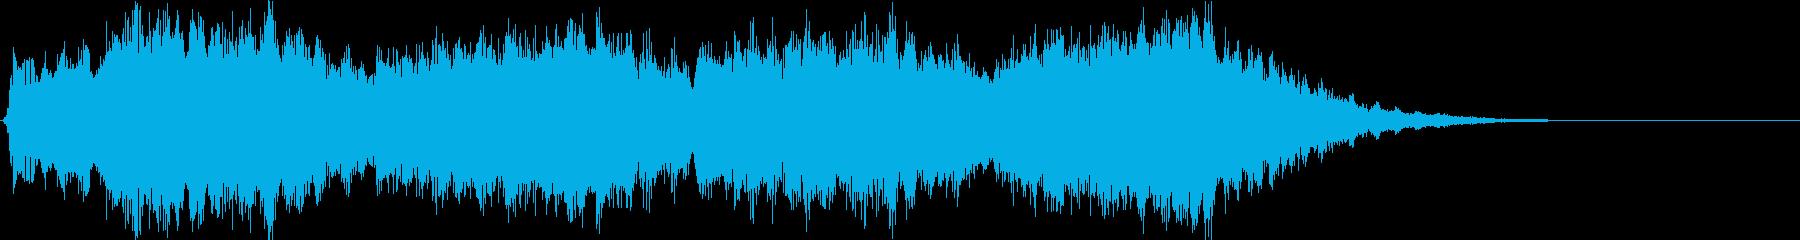 宇宙的なジングルサウンド。の再生済みの波形